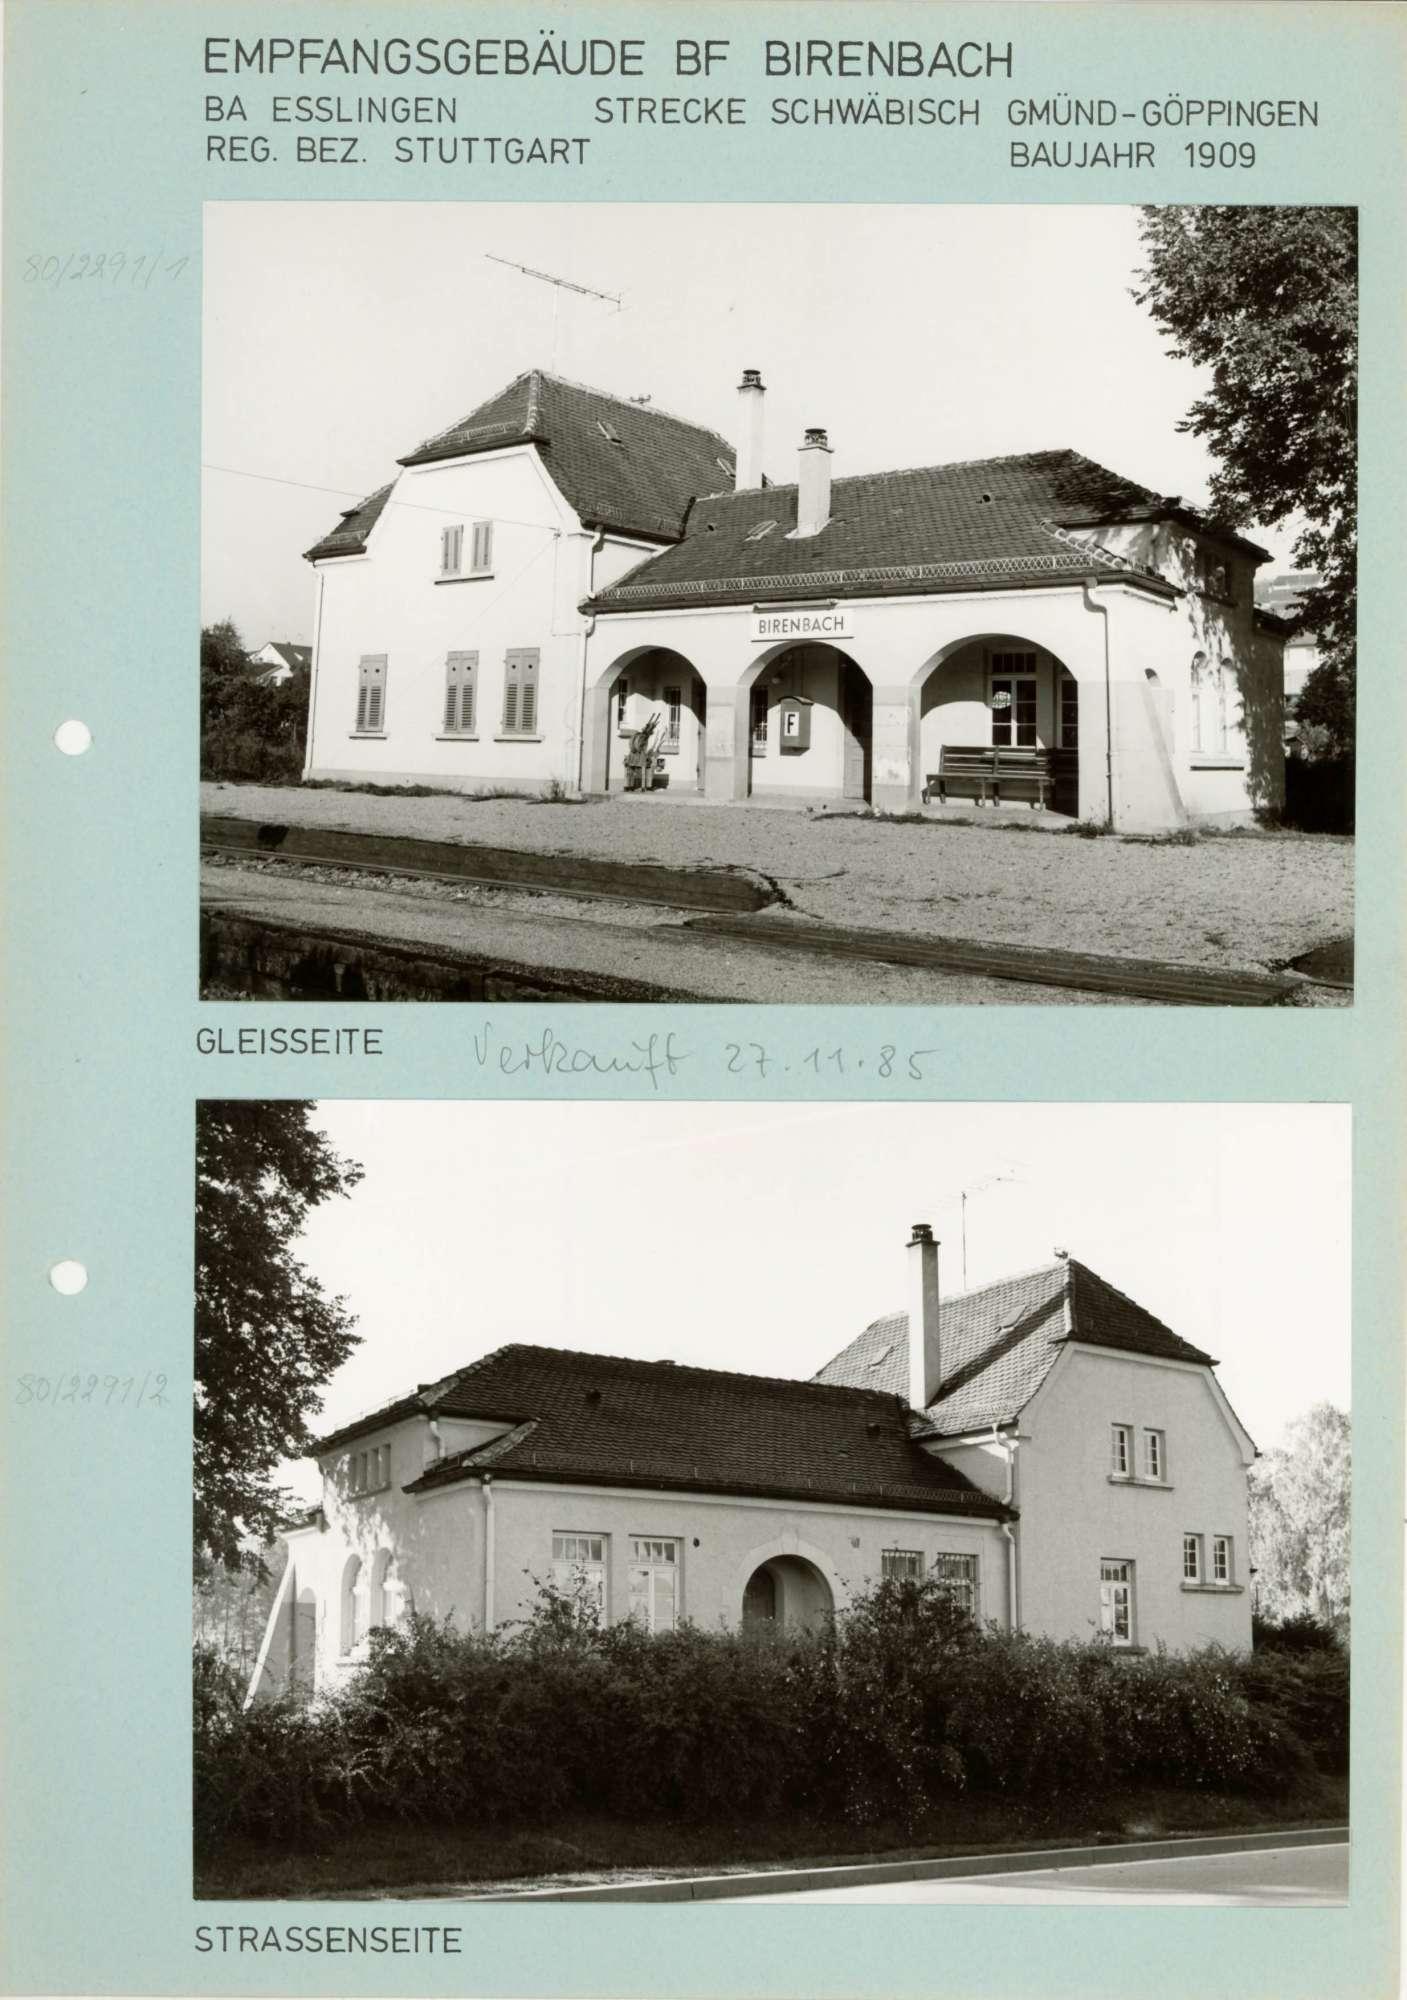 Birenbach: 4 Fotos, Bild 2